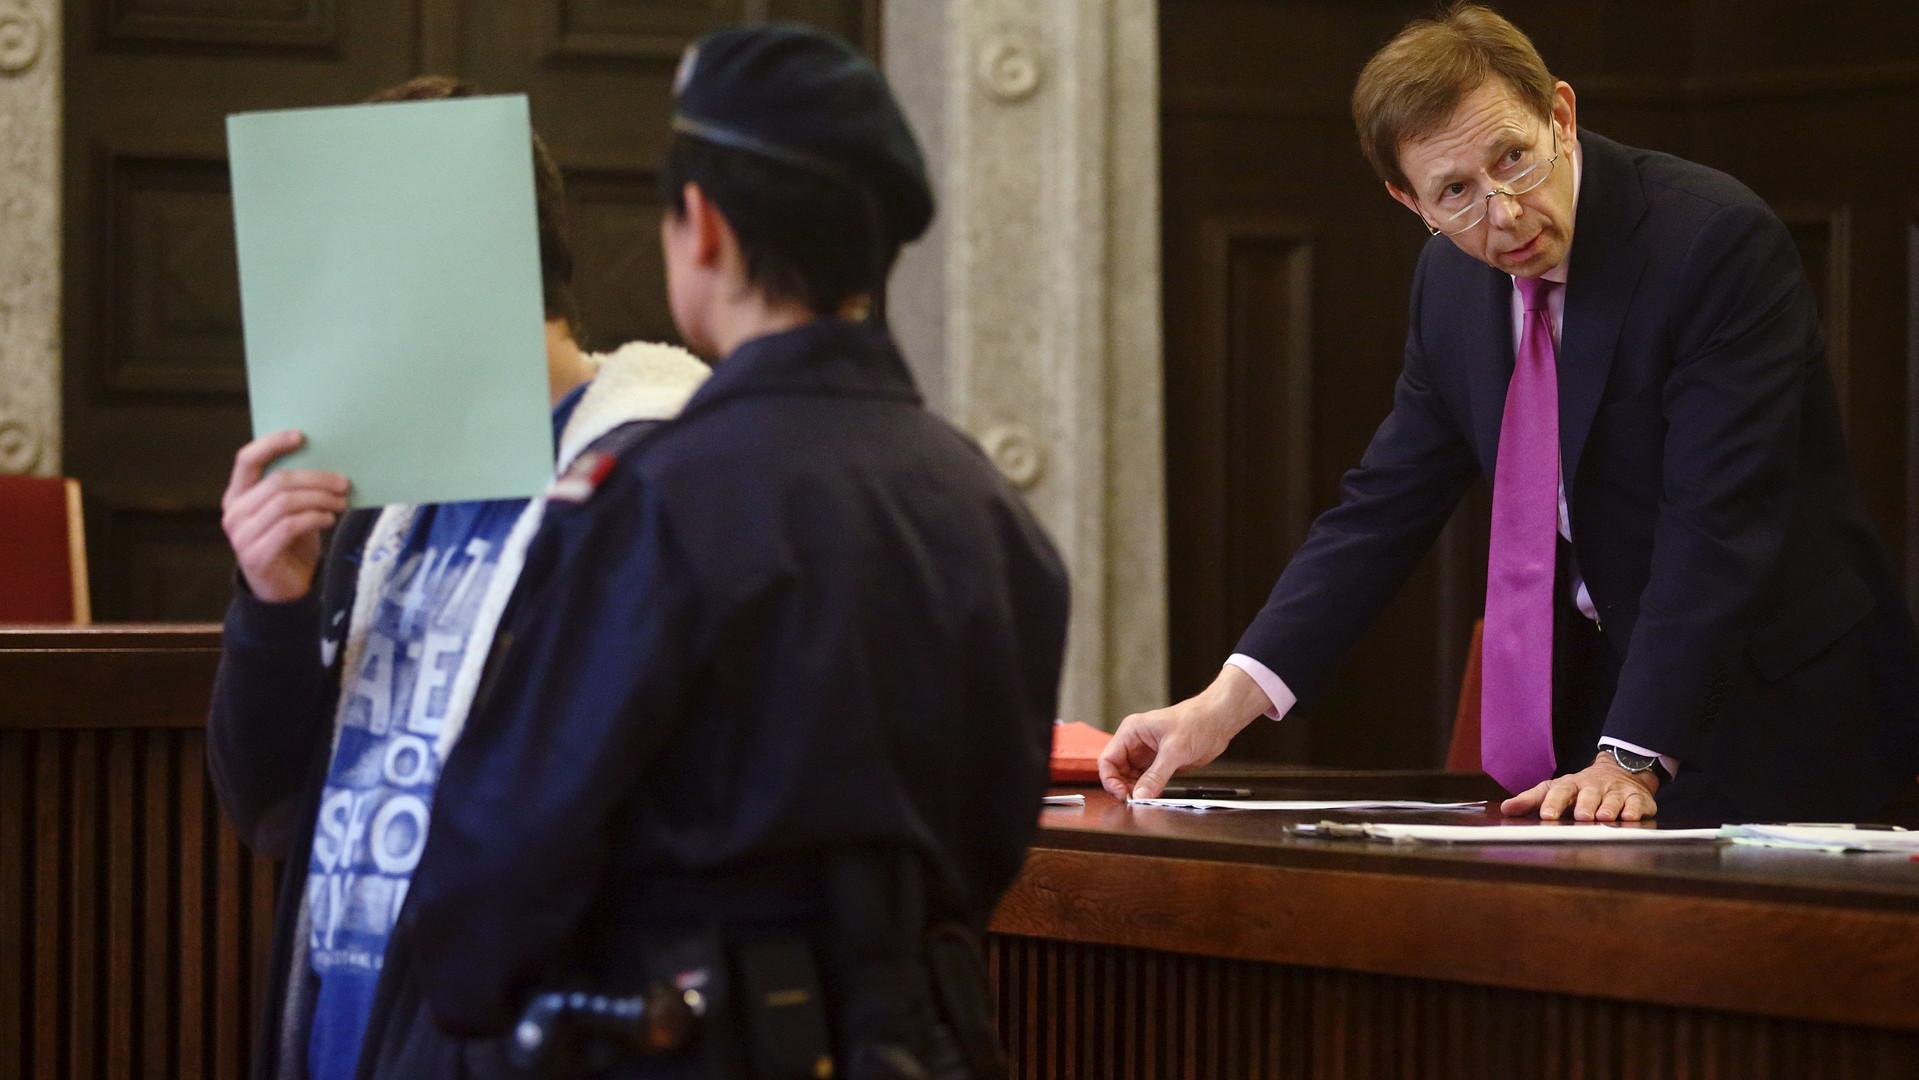 Un djihadiste de 14 ans reconnu coupable d'avoir essayé de faire sauter une gare à Vienne